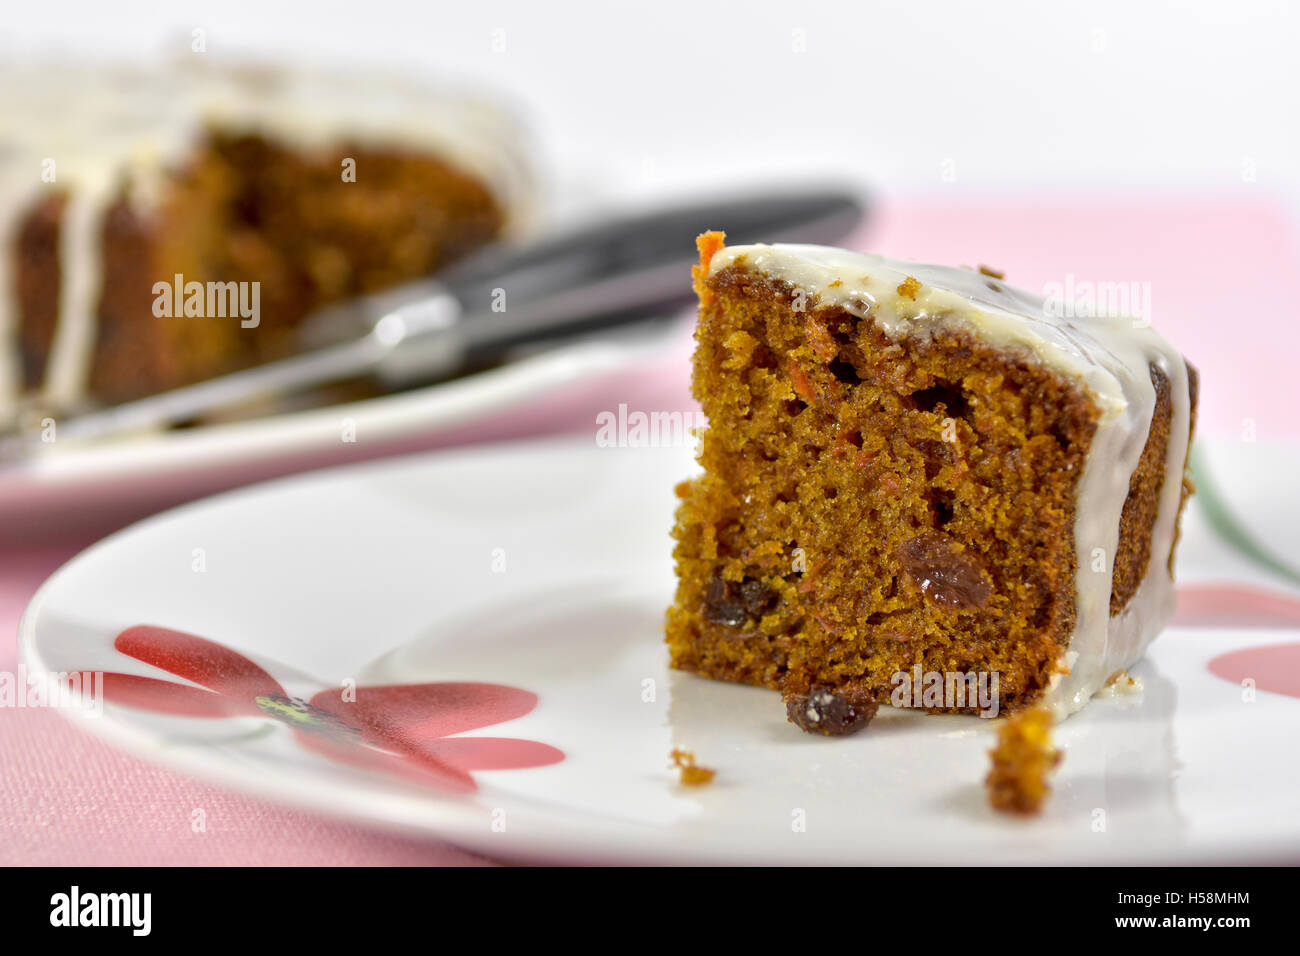 Fatta in casa torta di carote slice sulla piastra Immagini Stock